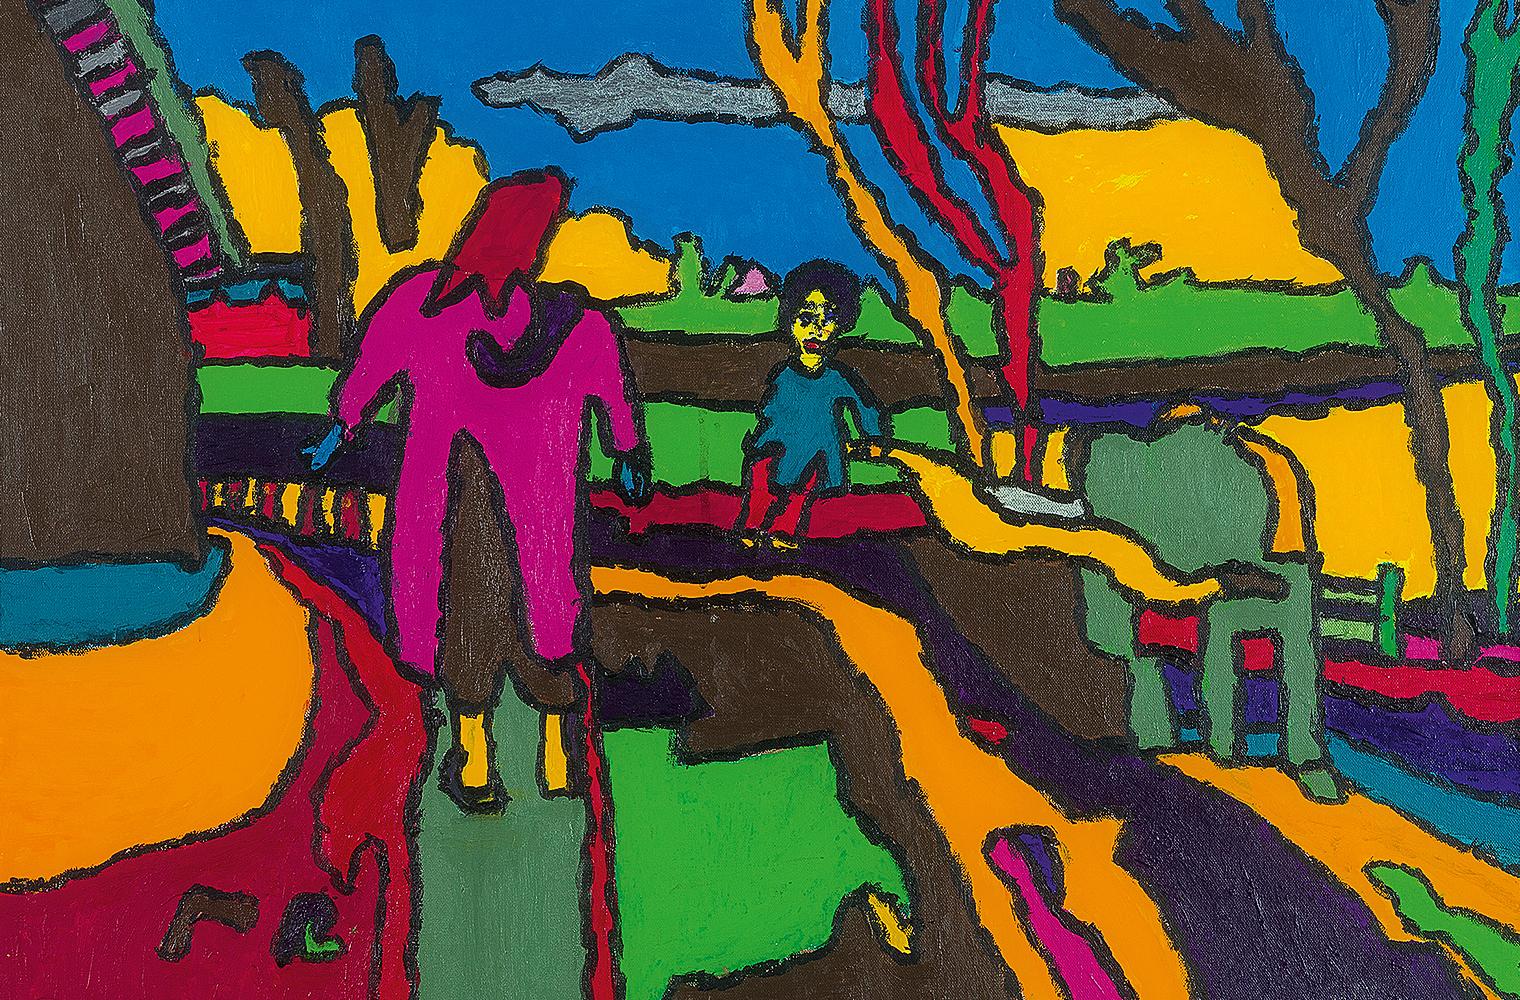 Farbenkräftige Landschaft mit zwei Figuren: Die kleinere Figur blickt den Betrachter an, die zweite ist von hinten zu sehen.